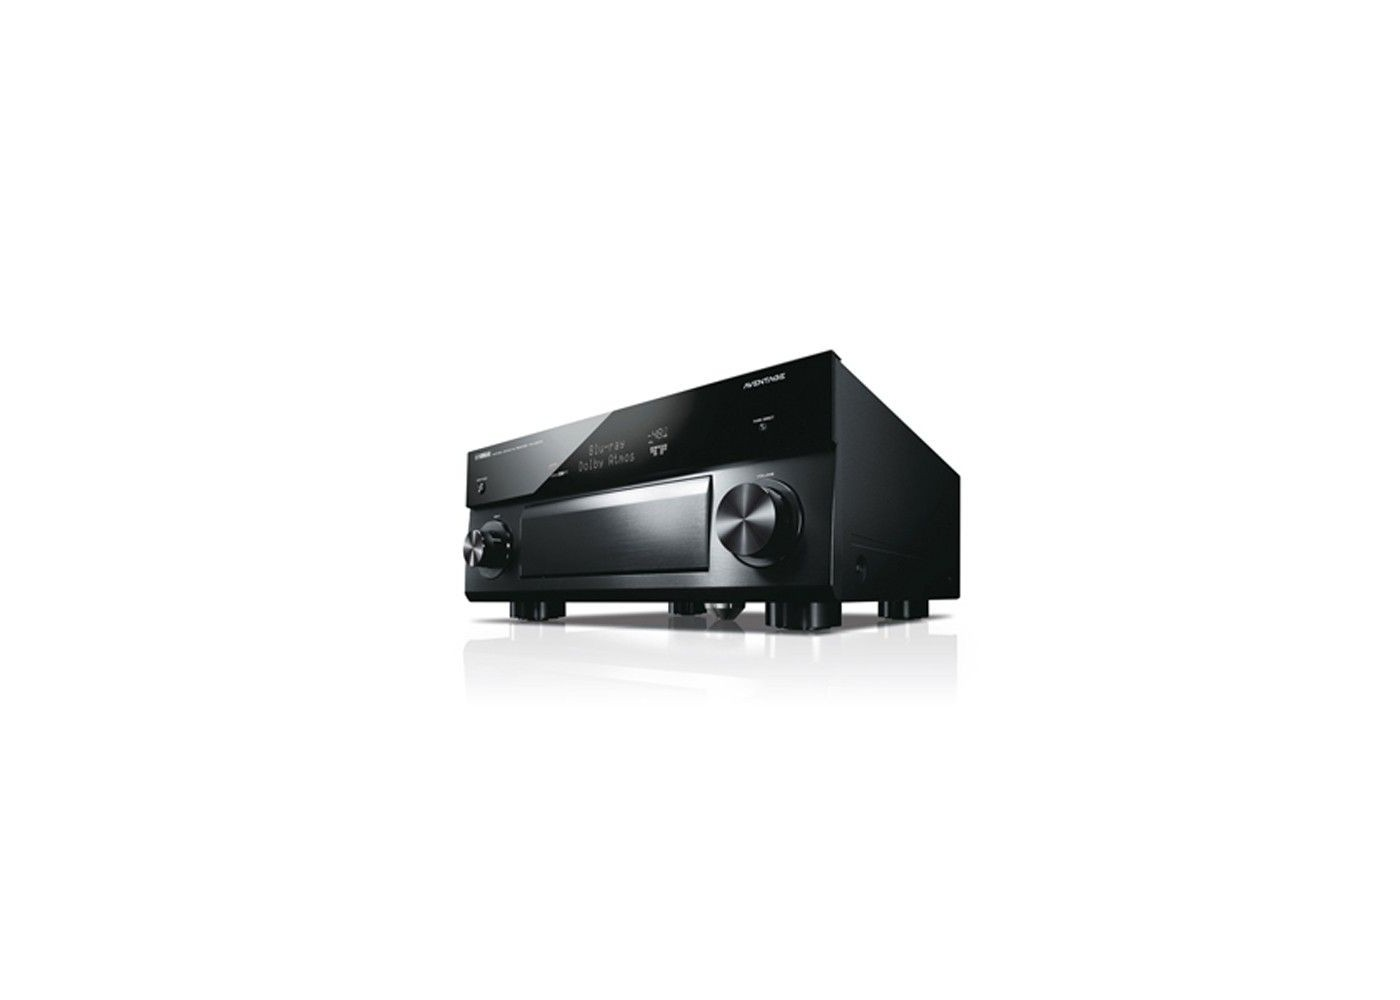 yamaha rx a3070 9 2 channel aventage network av receiver. Black Bedroom Furniture Sets. Home Design Ideas